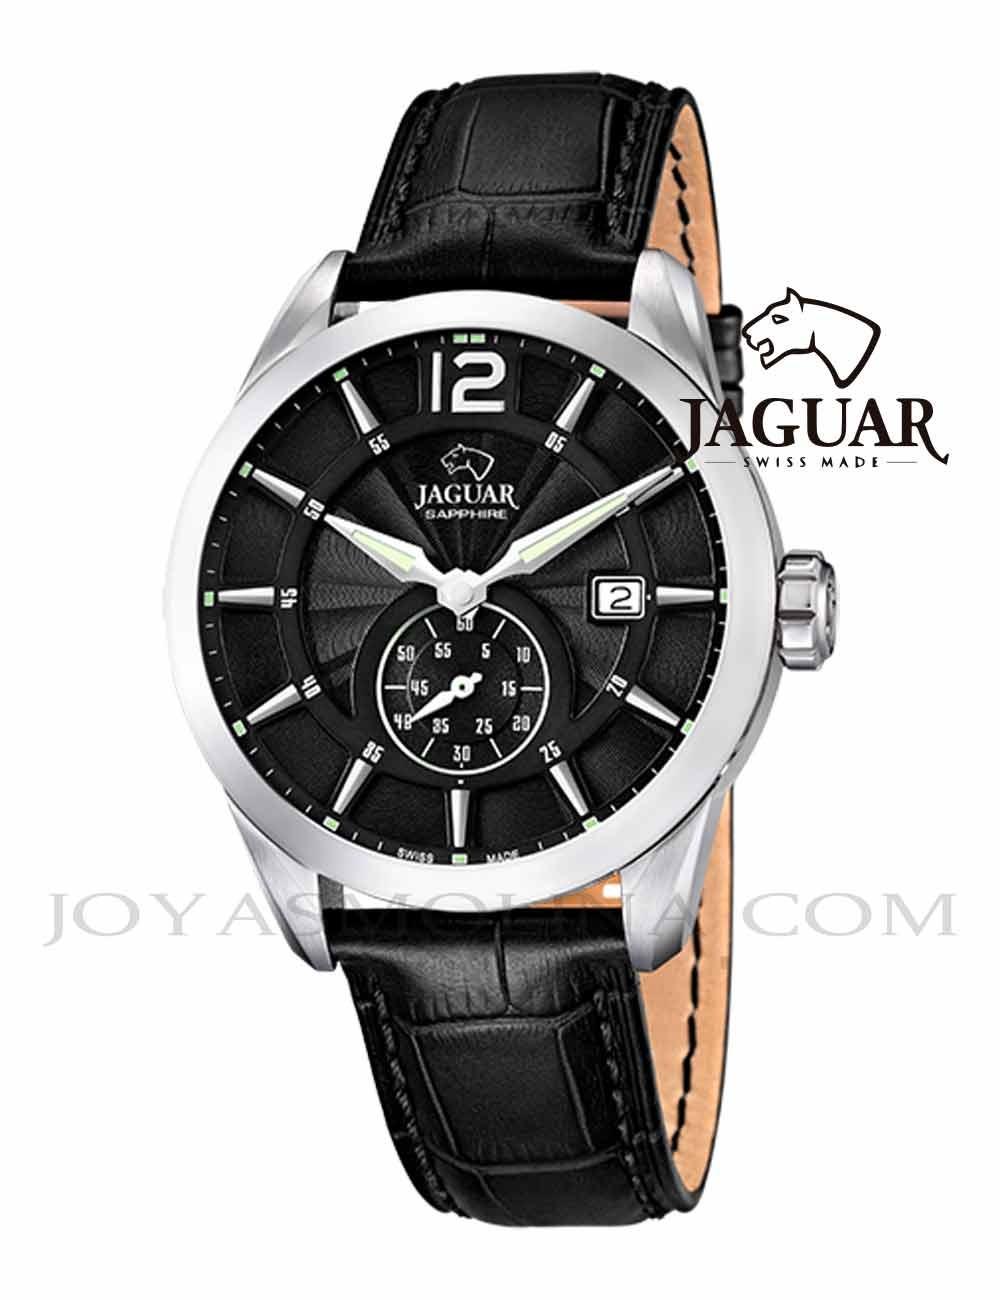 Reloj Jaguar hombre negro correa J663-4